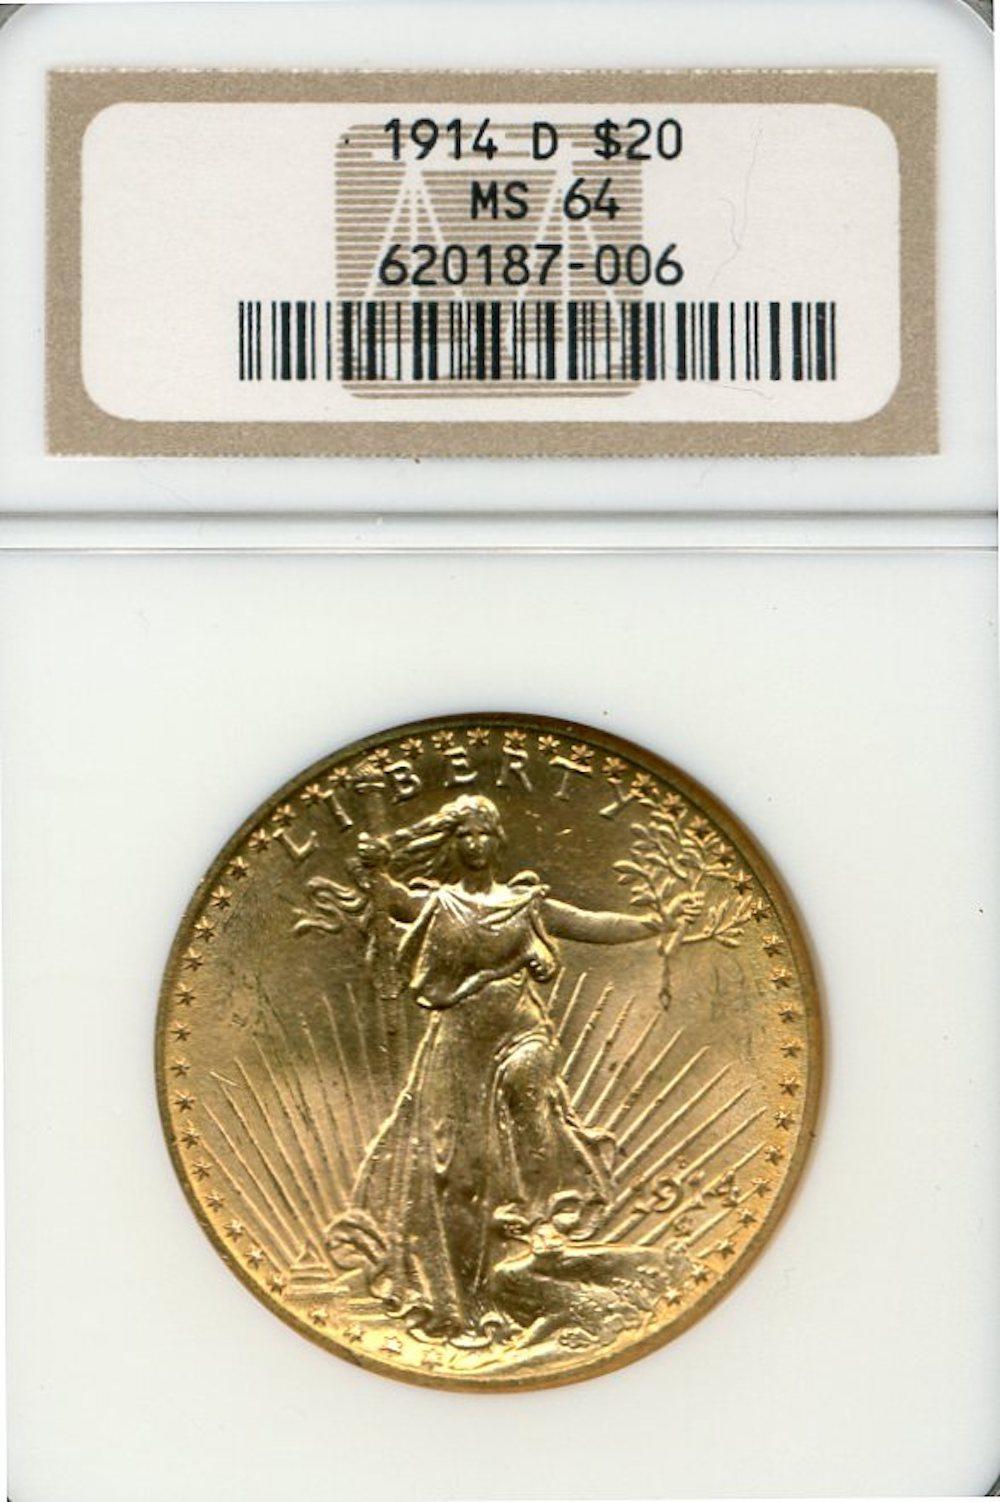 1914-D $20.00 Gold Saint Gaudens